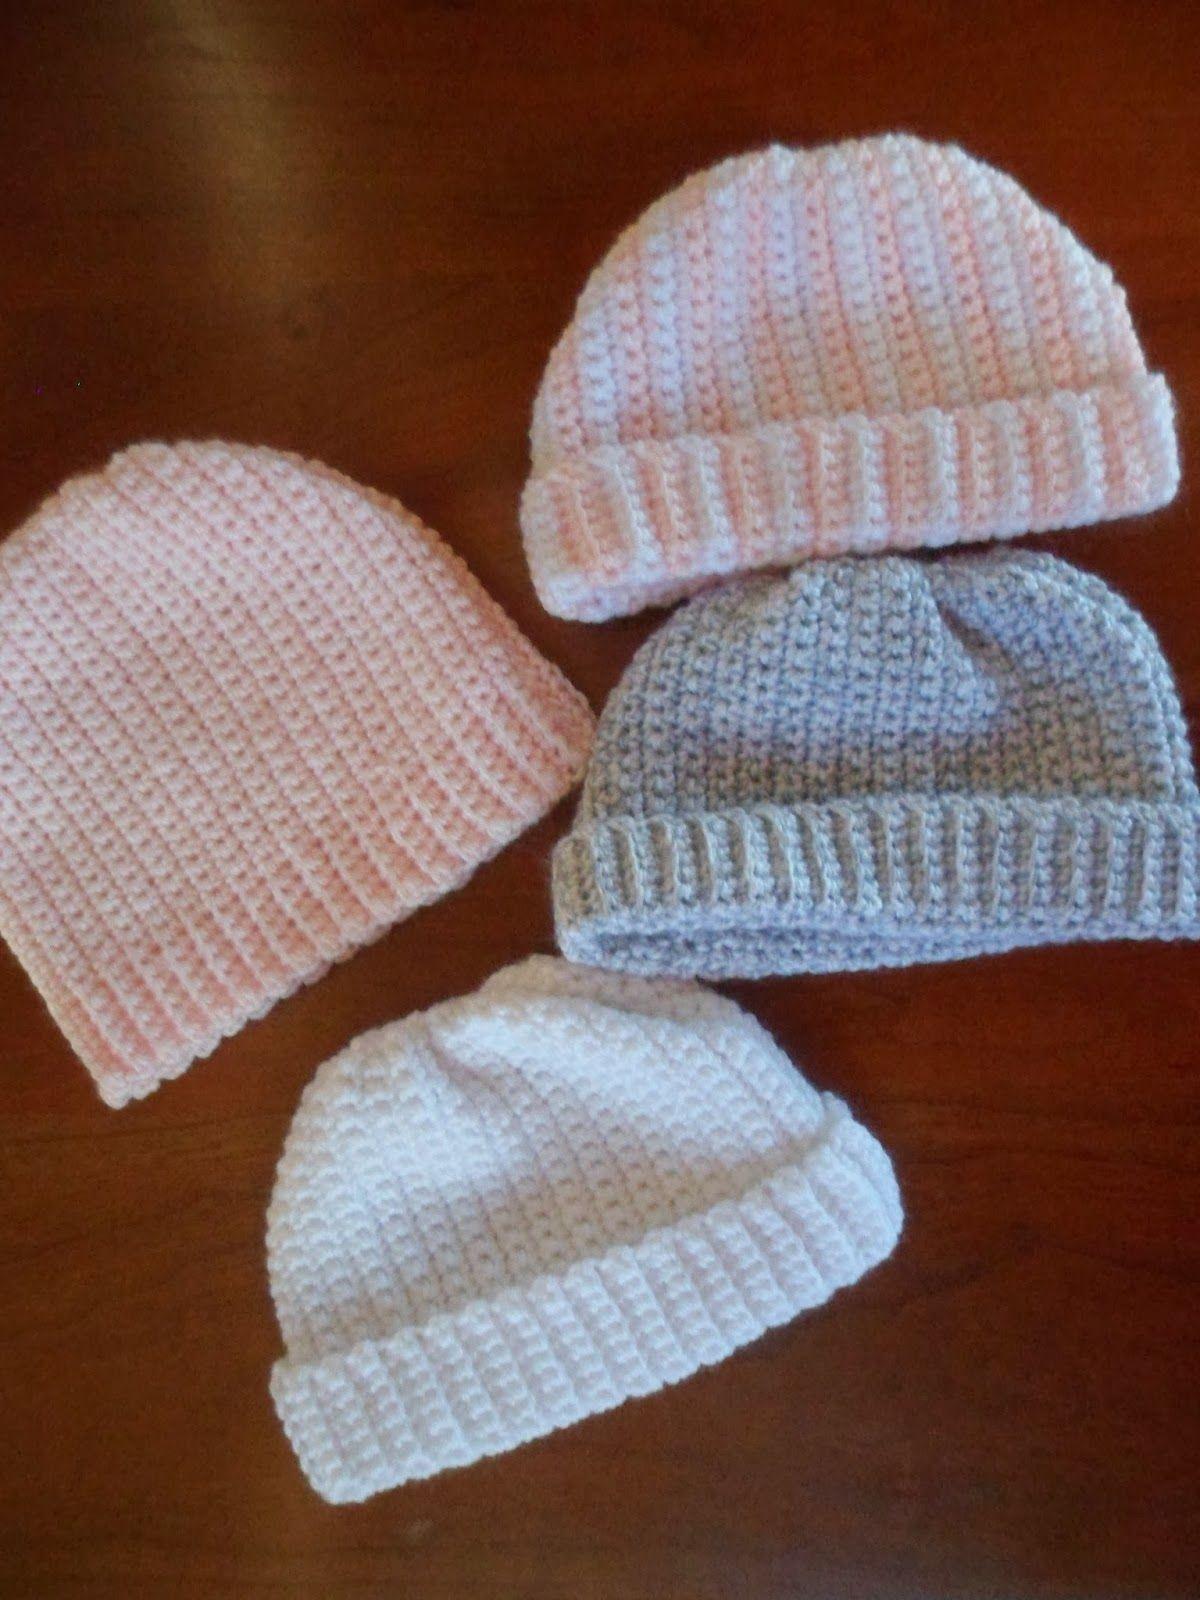 Newborn Crochet Hat Pattern   Newborn crochet hat pattern, Newborn ...